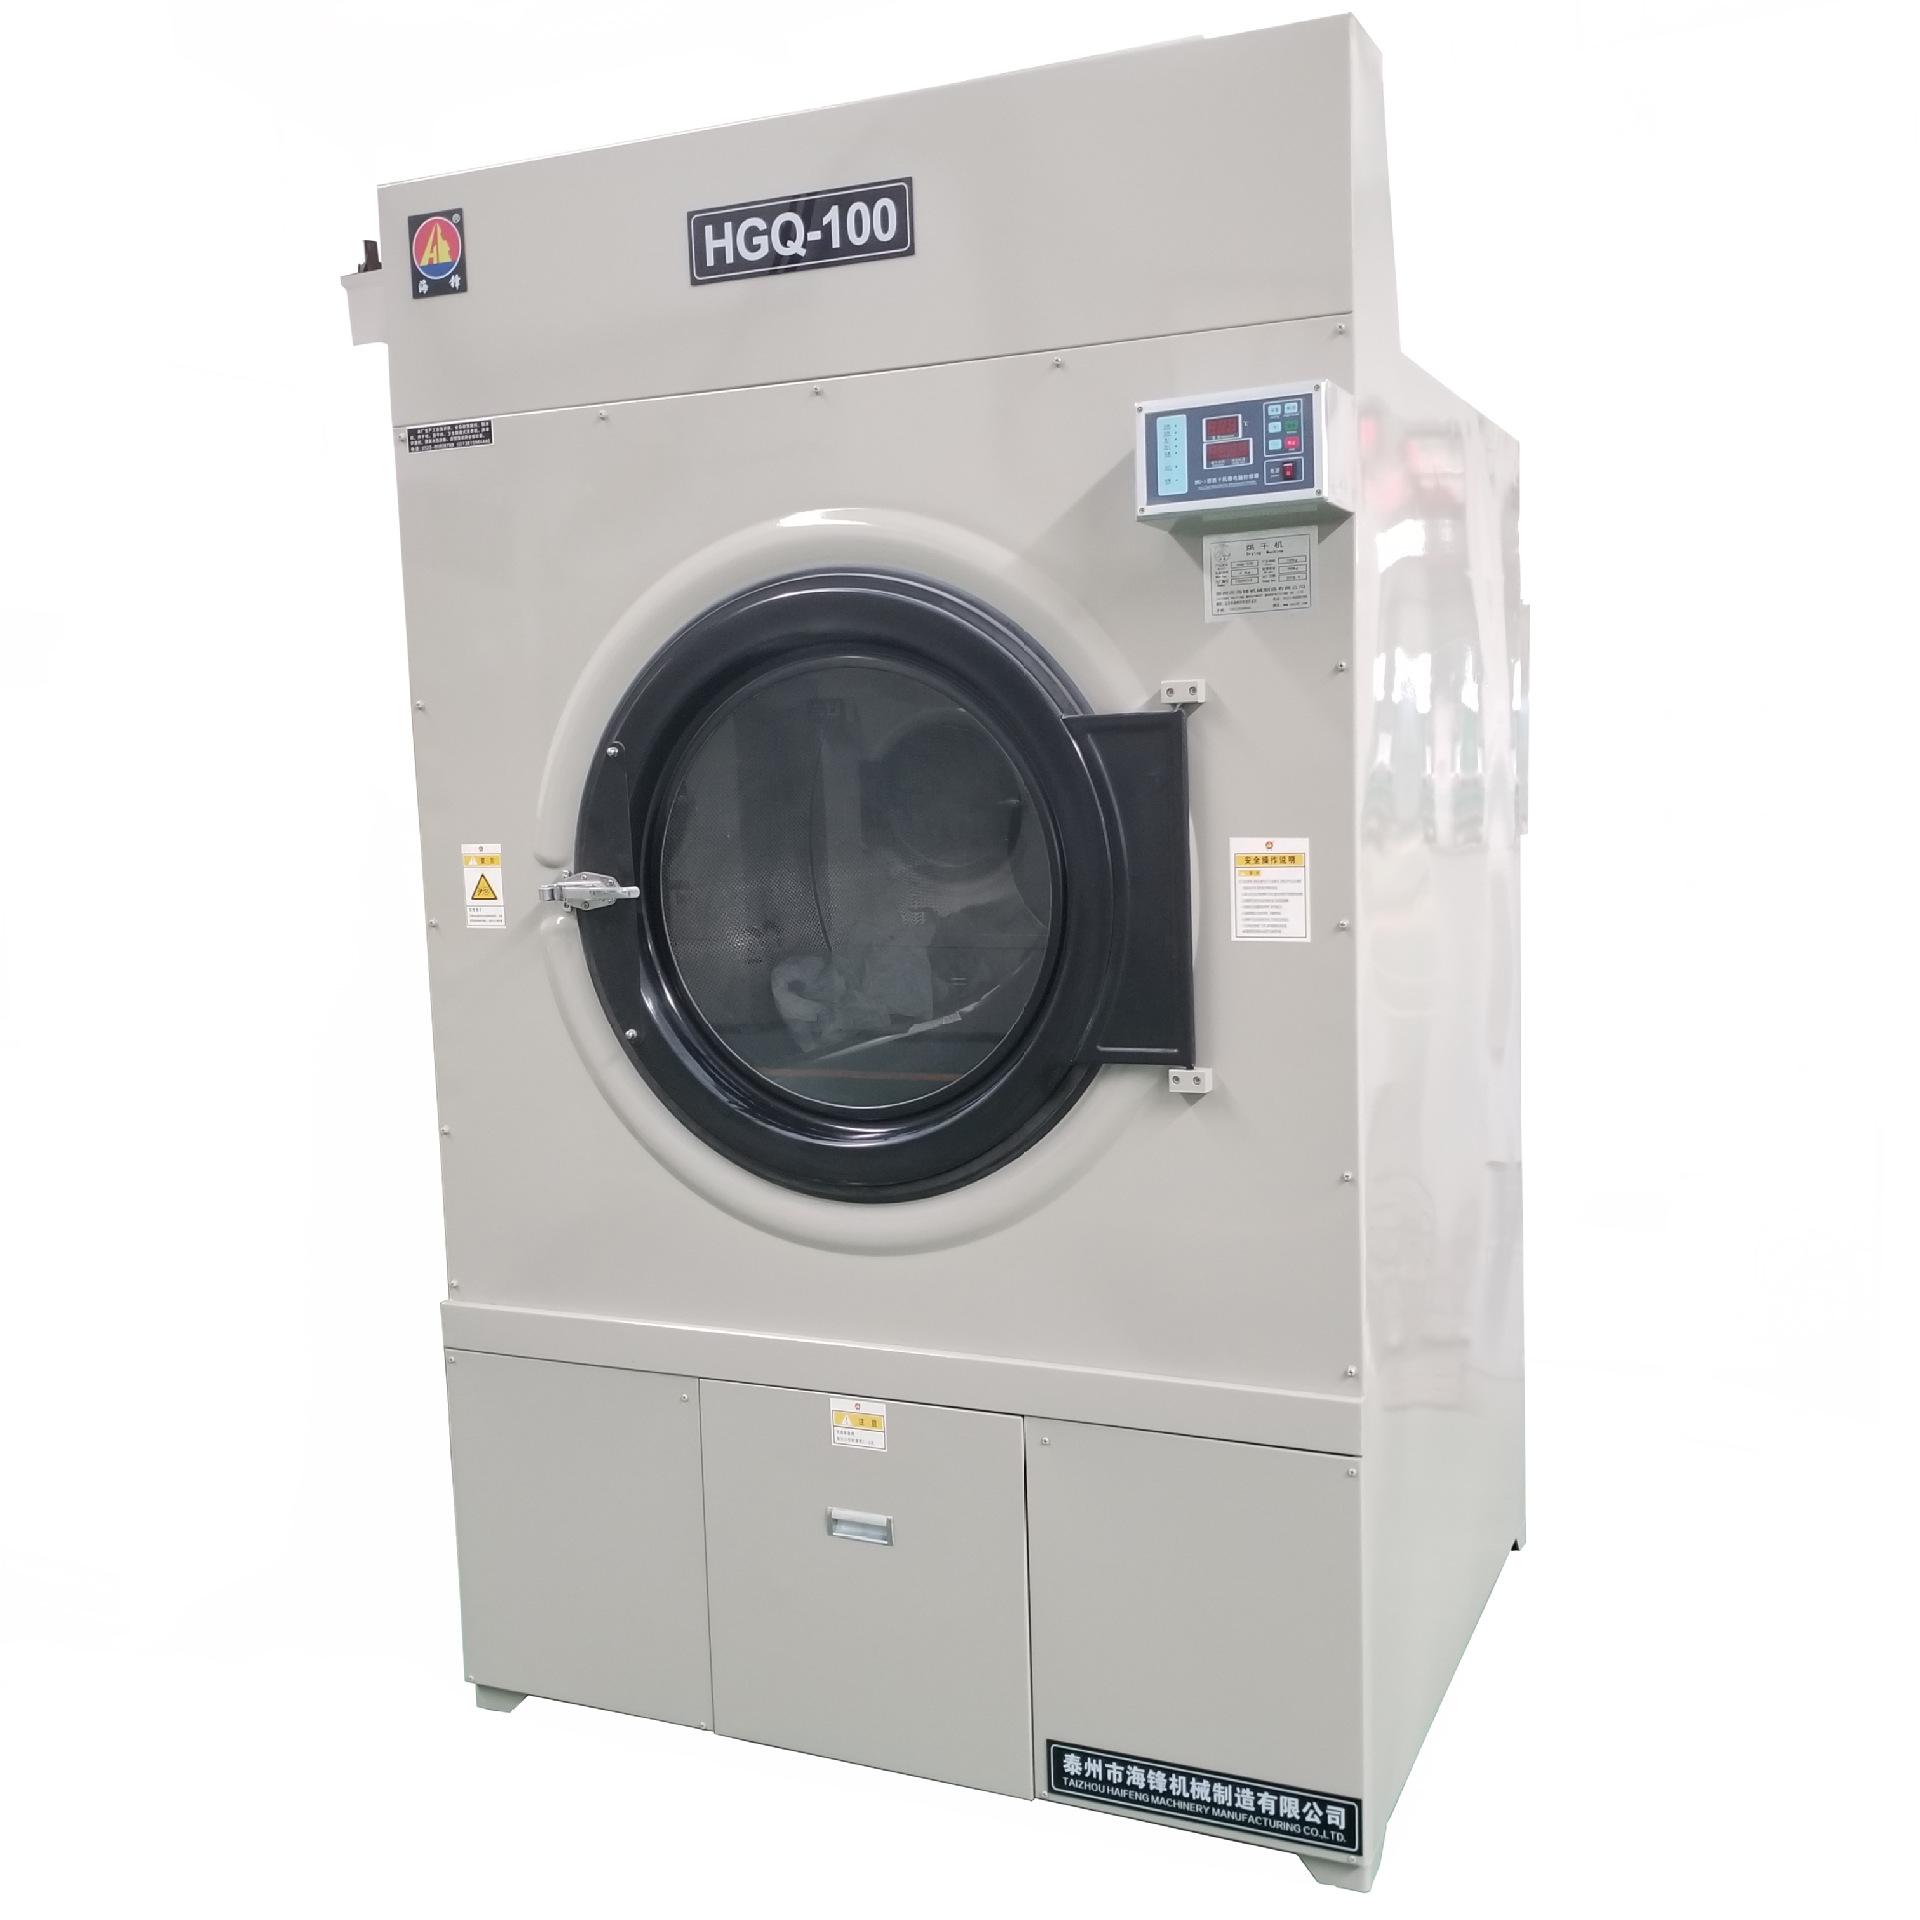 Máy giặt công suất lớn cho khách sạn tiết kiệm năng lượng tiếng ồn thấp